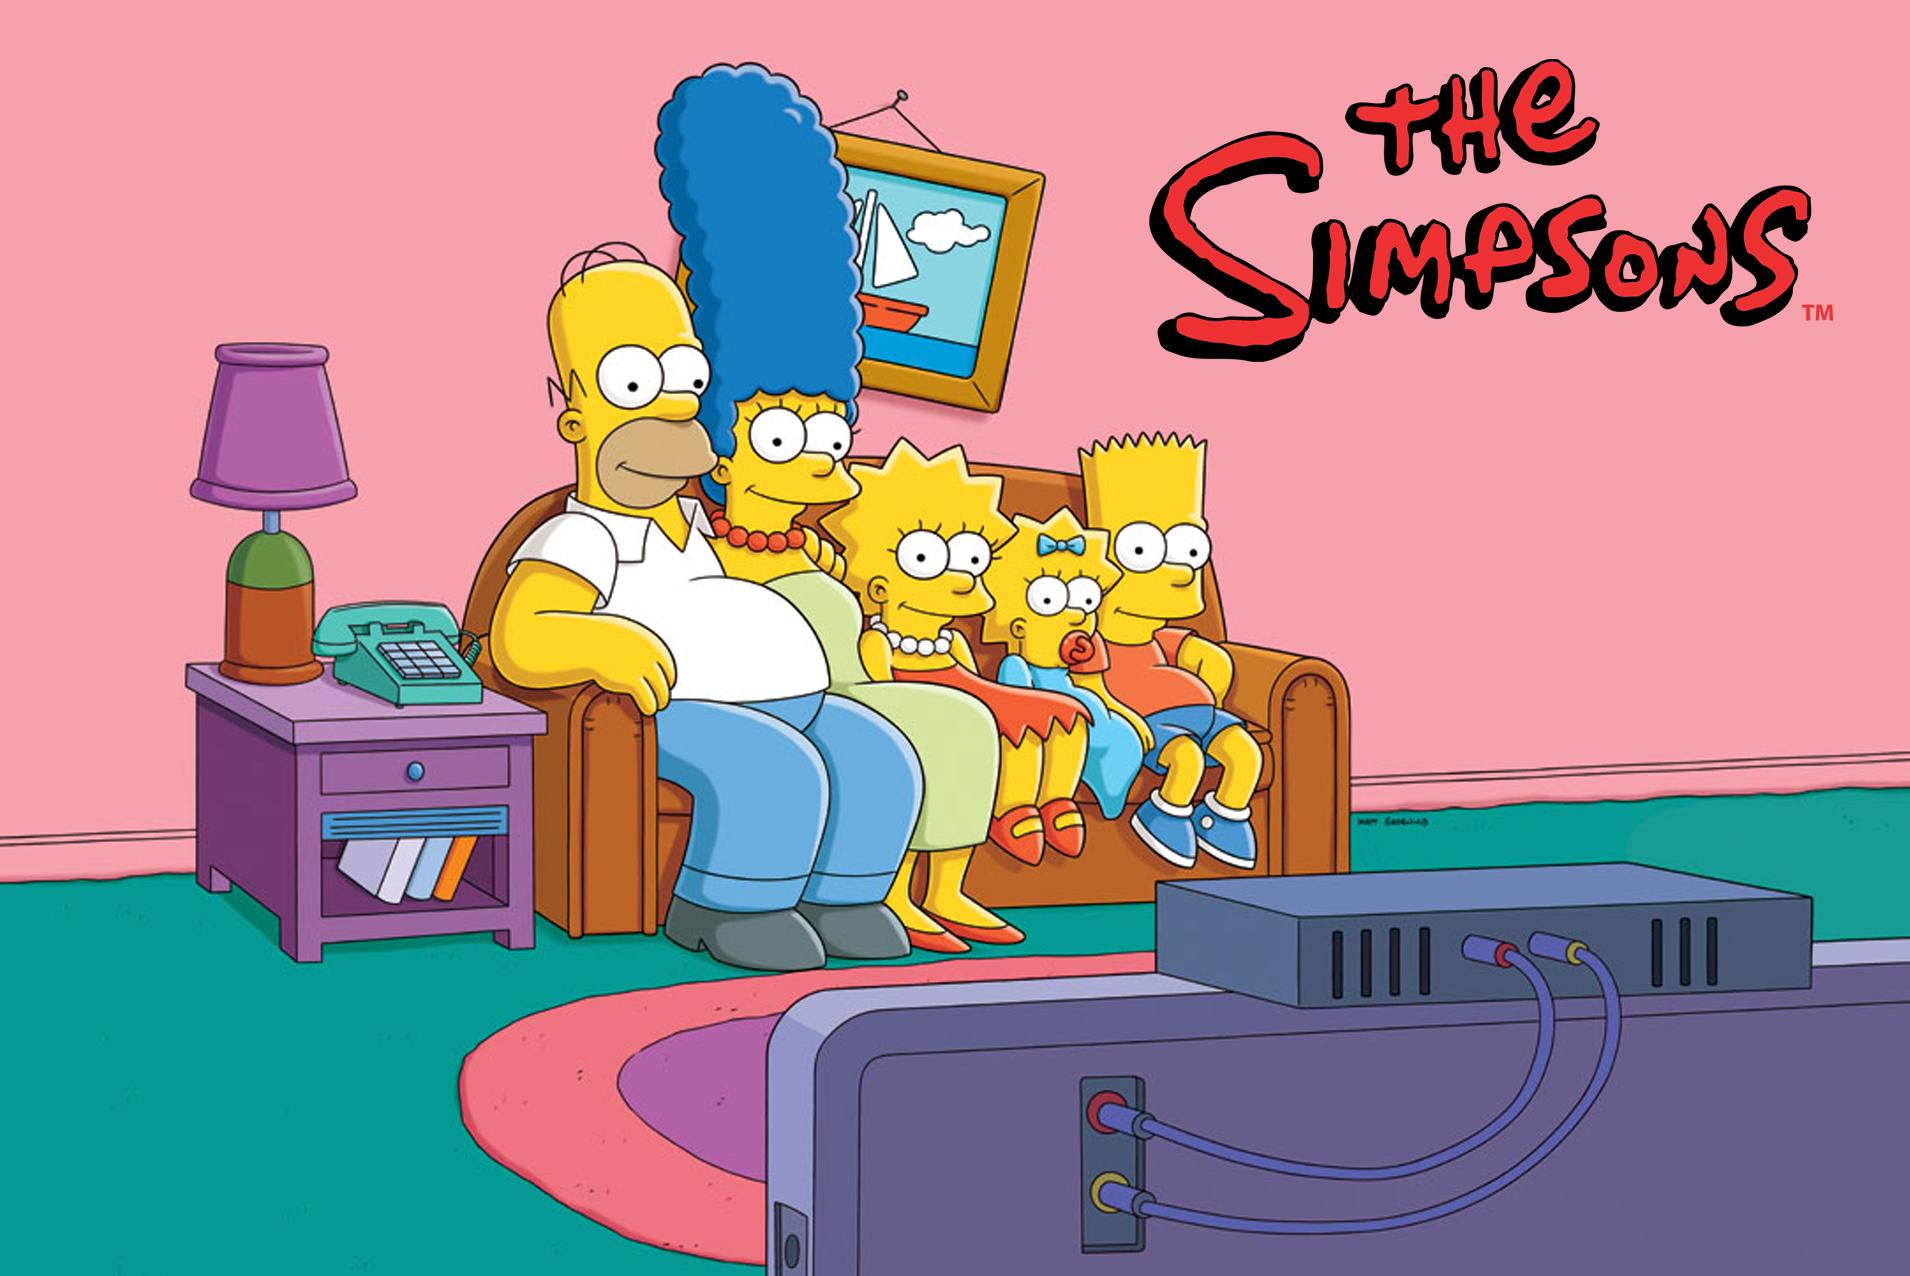 simpsons-website.jpg